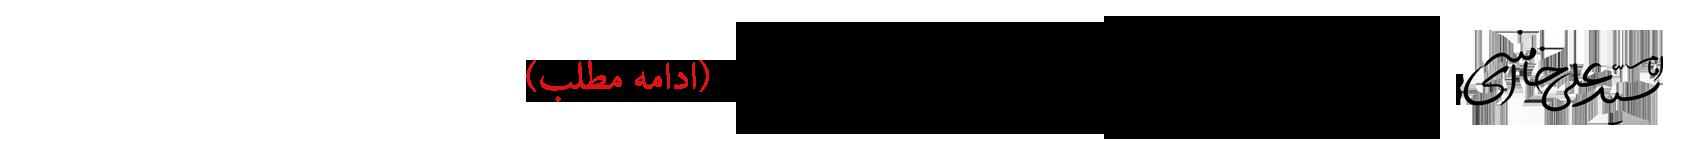 مطالبات قرآنی، انتظارات قرآنی، دغدغه های قرآنی، اندیشه های قرآنی، دیدگاههای قرآنی مقام معظم رهبری حضرت آیت الله العظمی امام خامنه ای